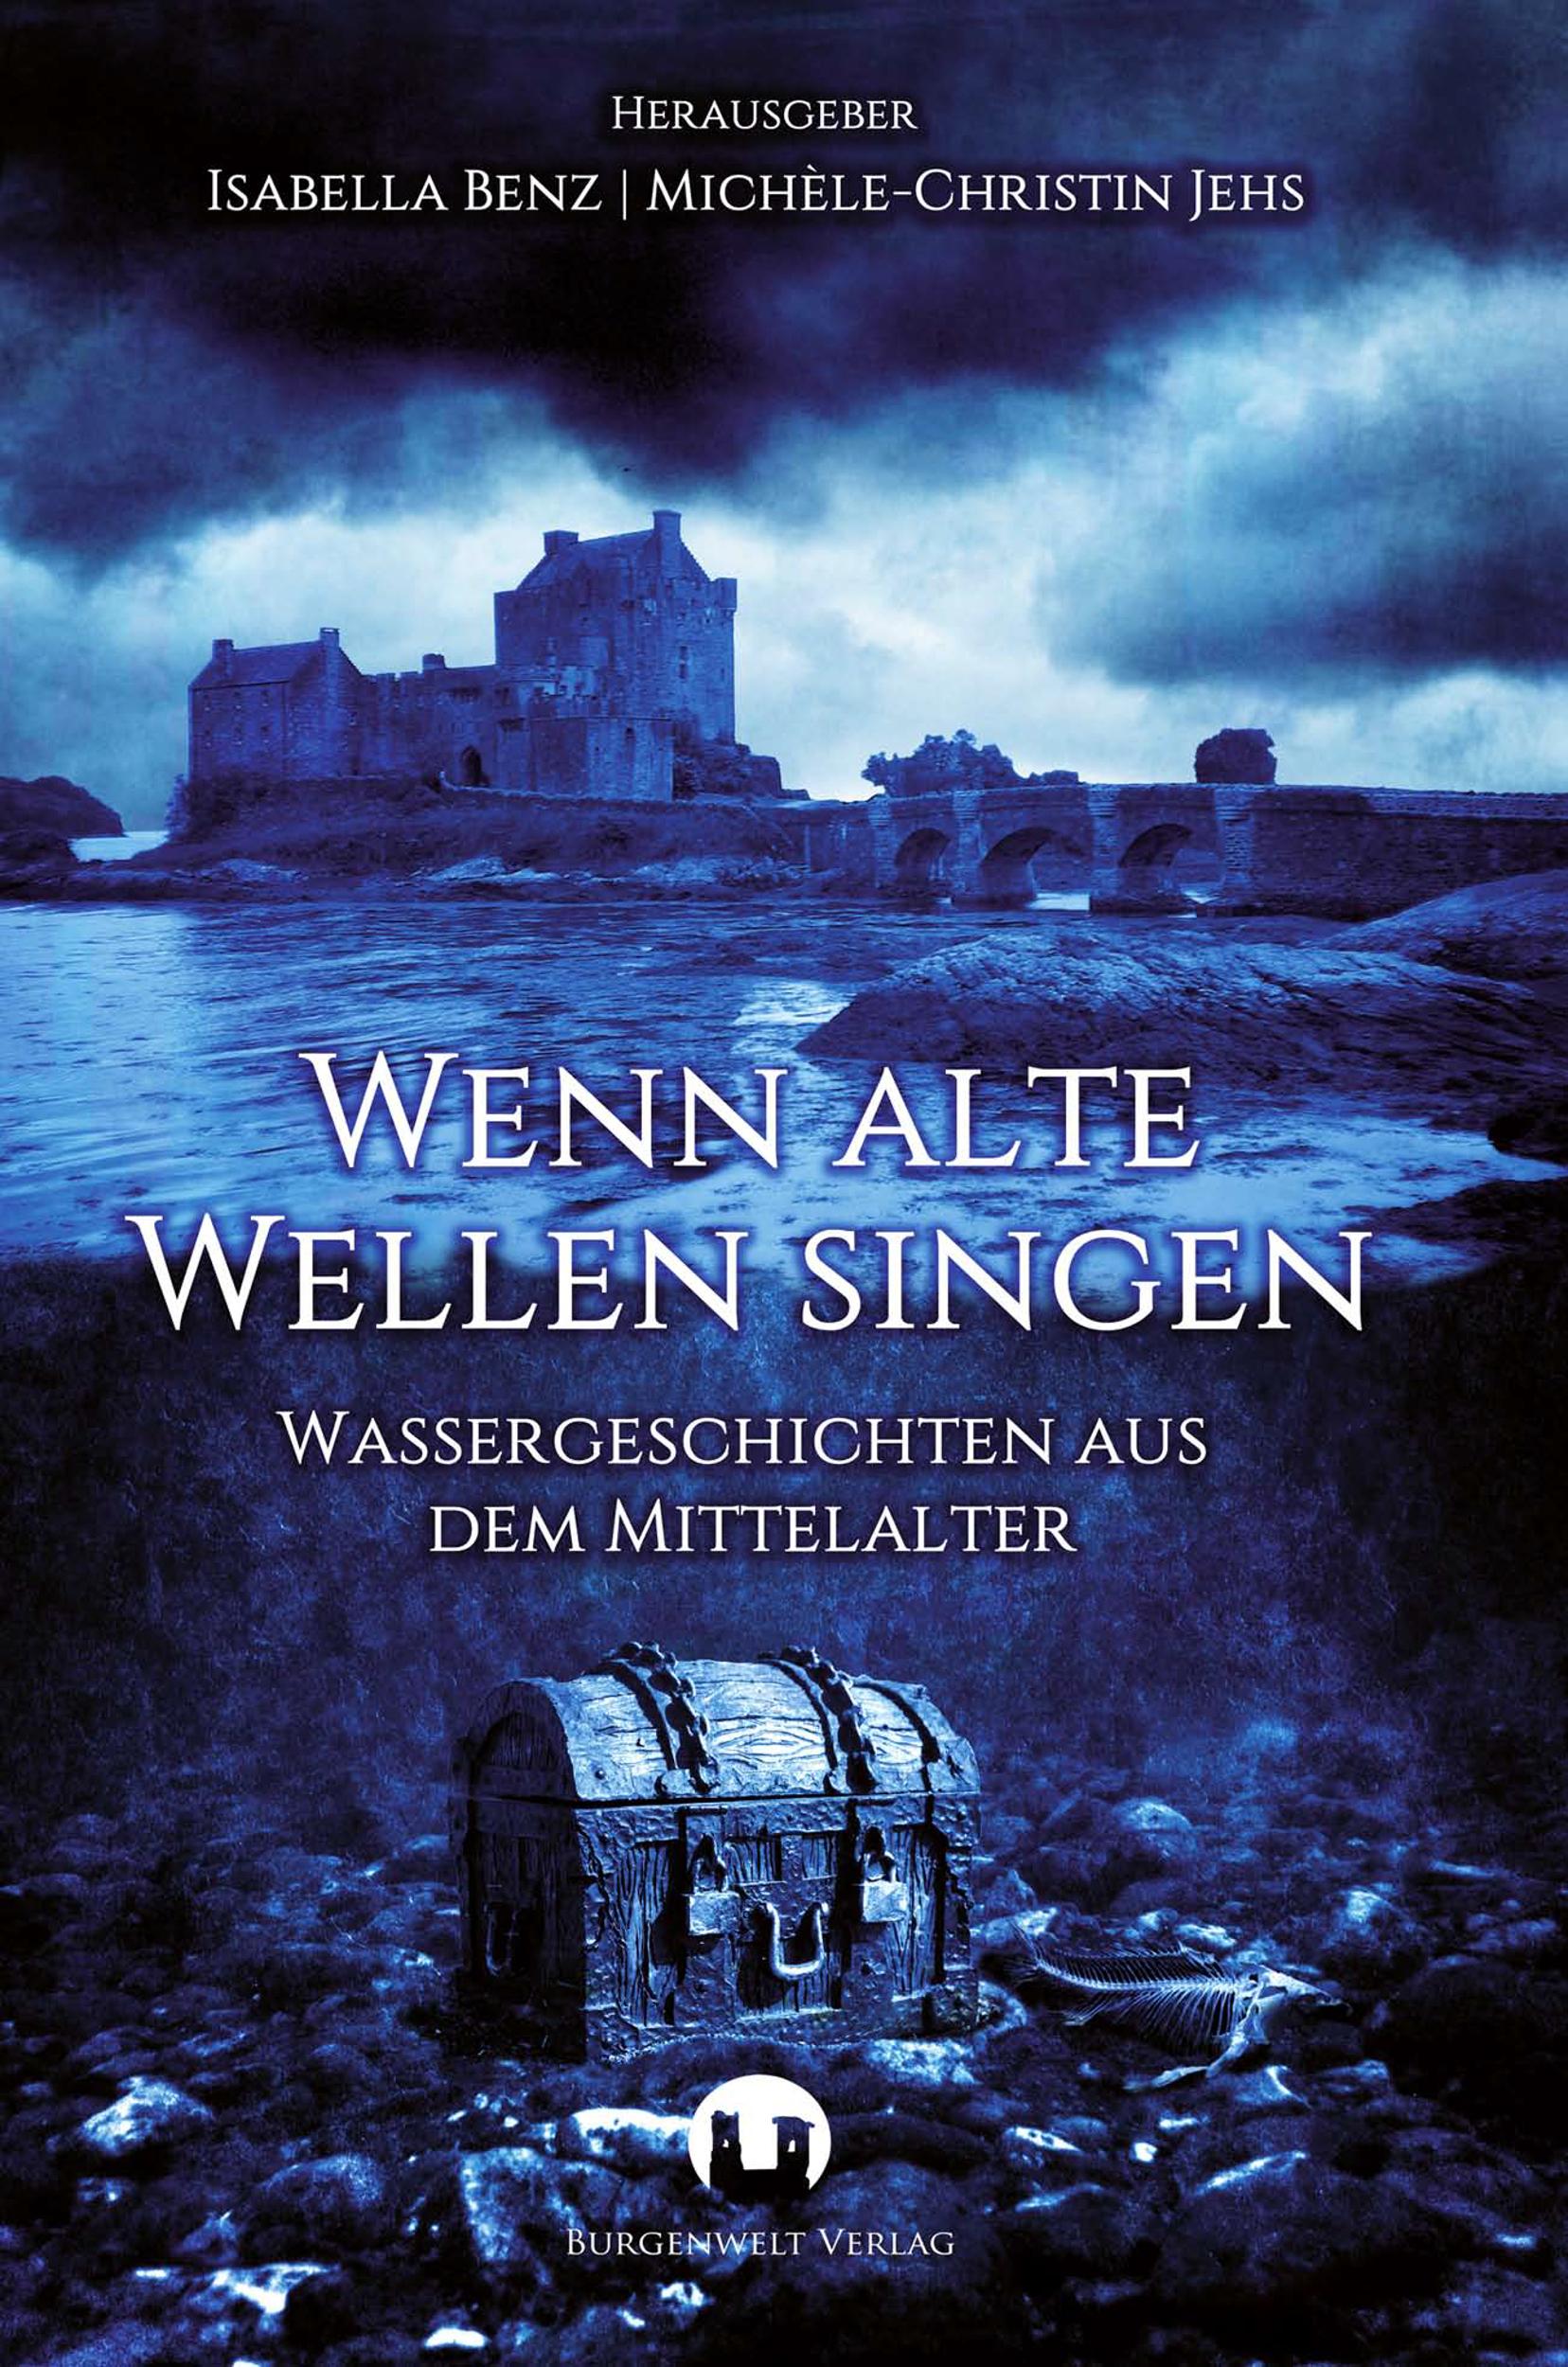 Benz_Isabella_Wenn_Alte_Wellen_singen_phantastik-autoren-netzwerk.jpg